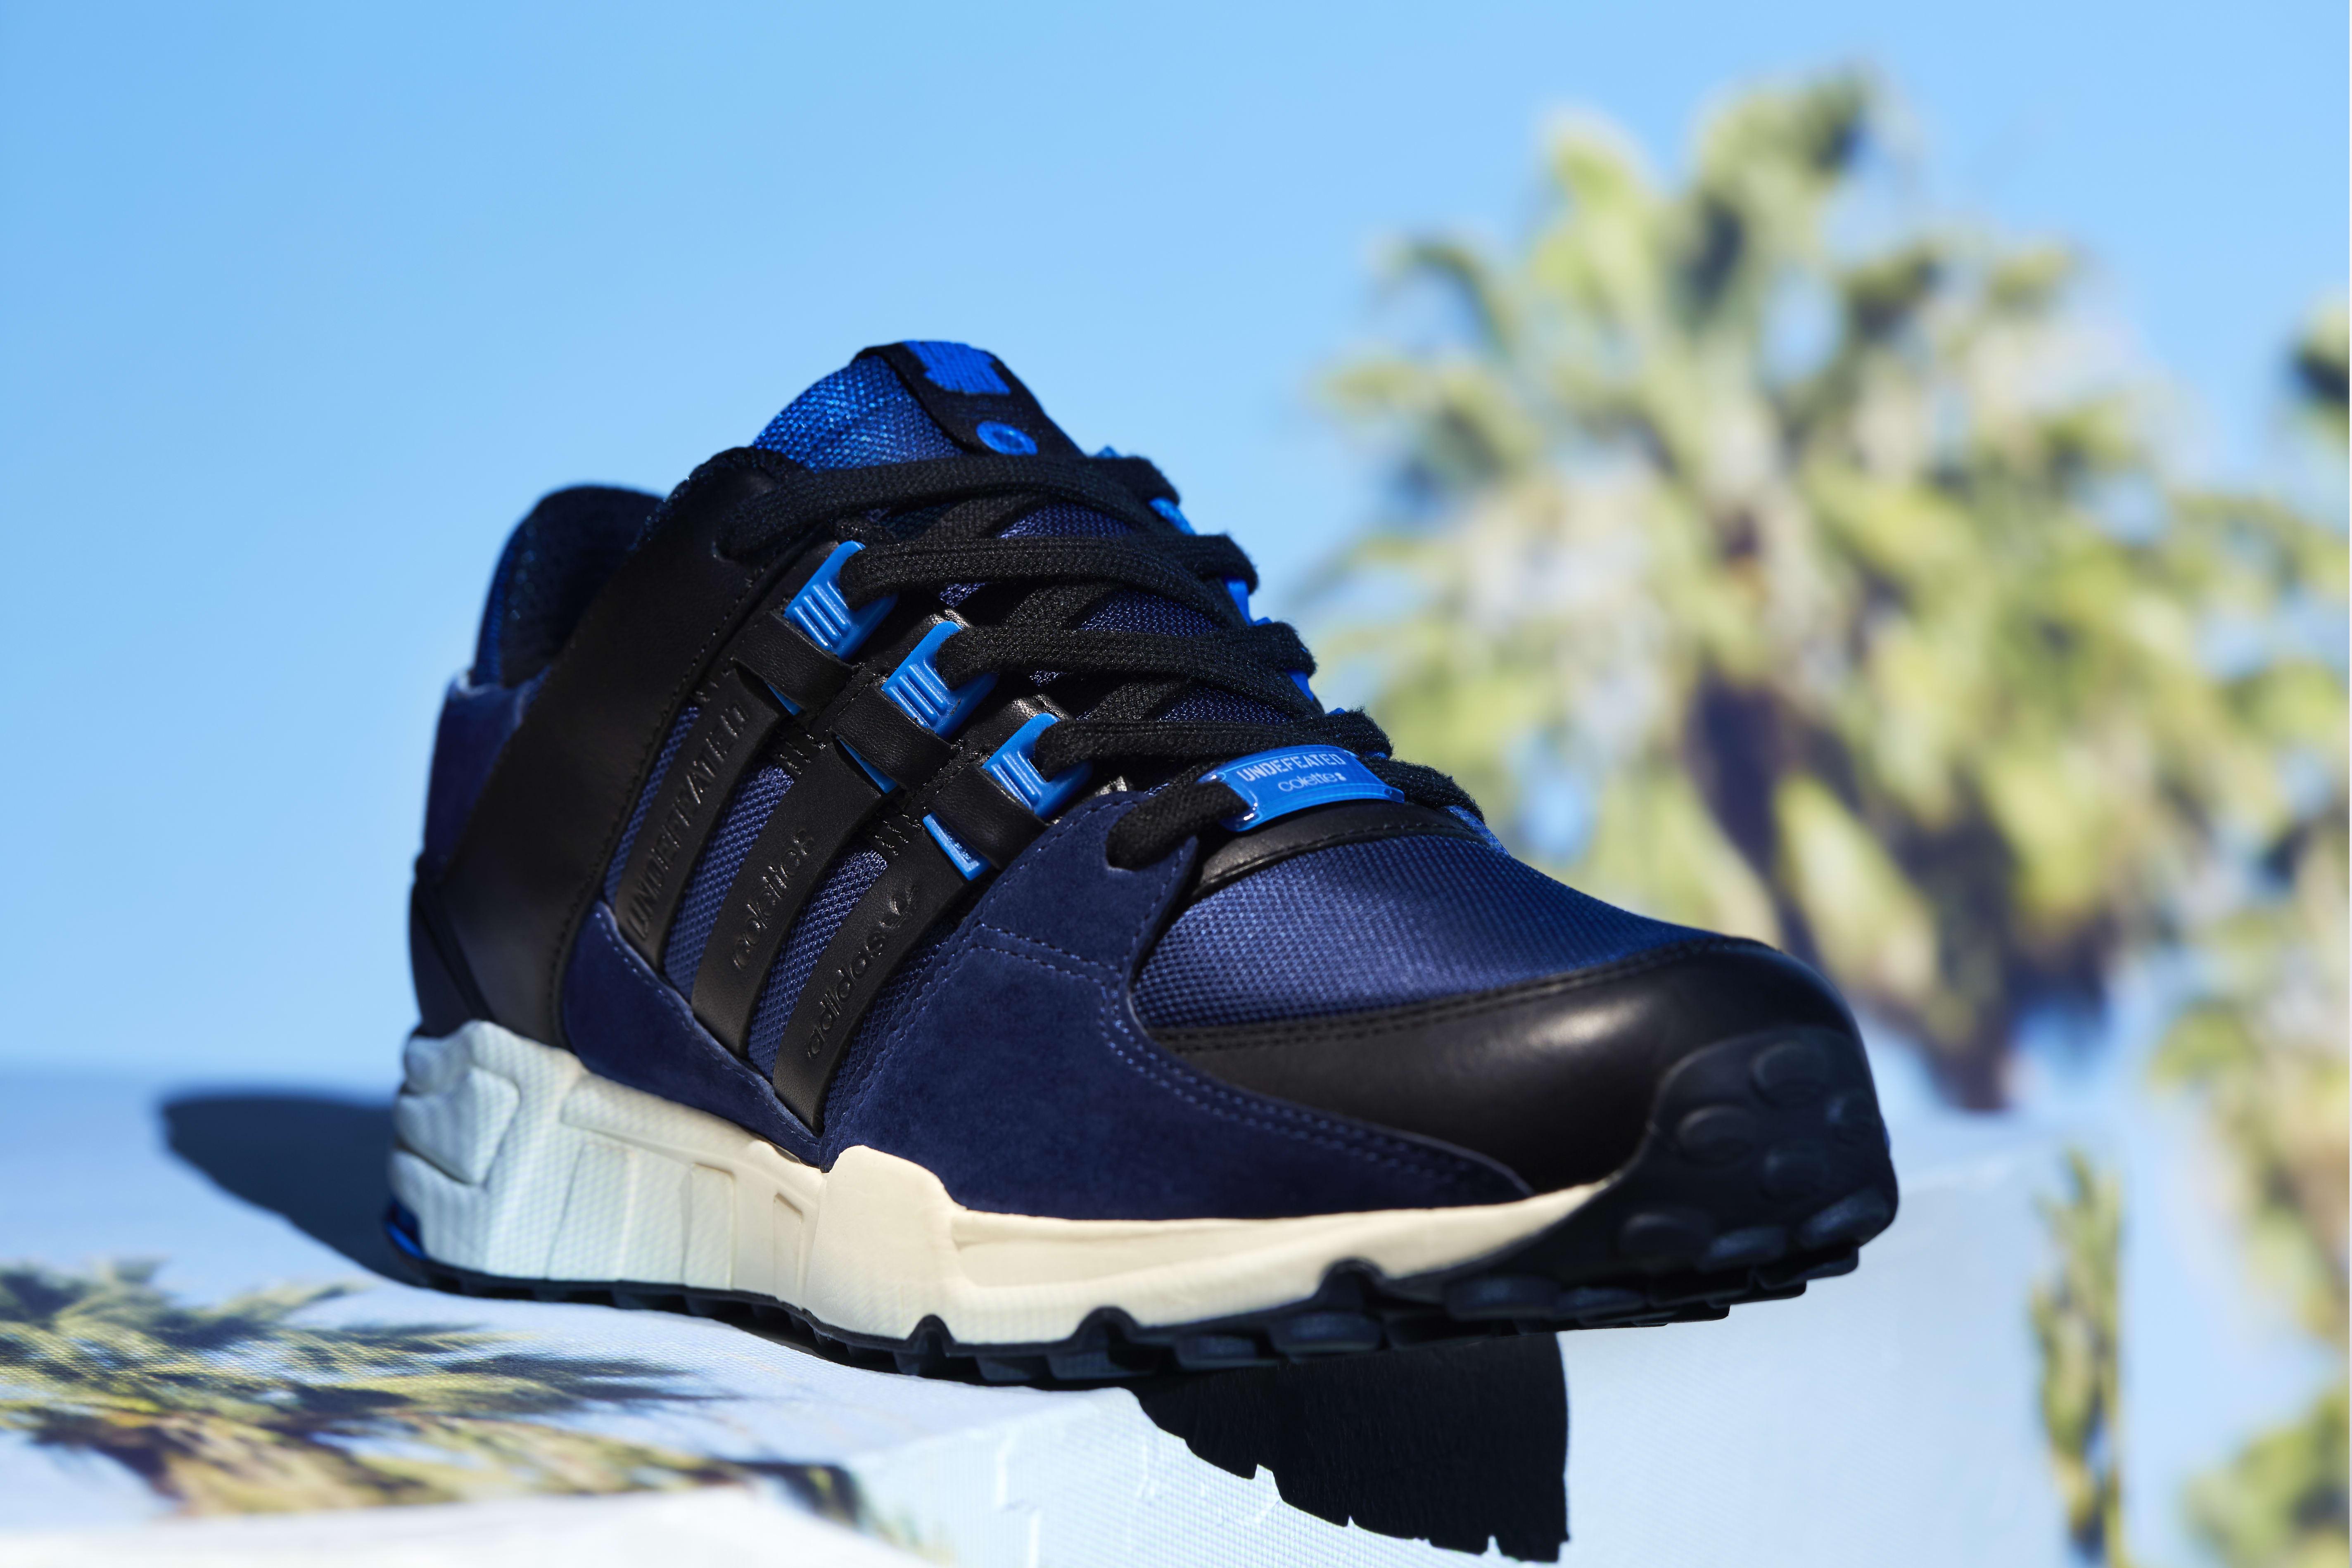 Adidas Consortium UNDFTD x Colette EQT